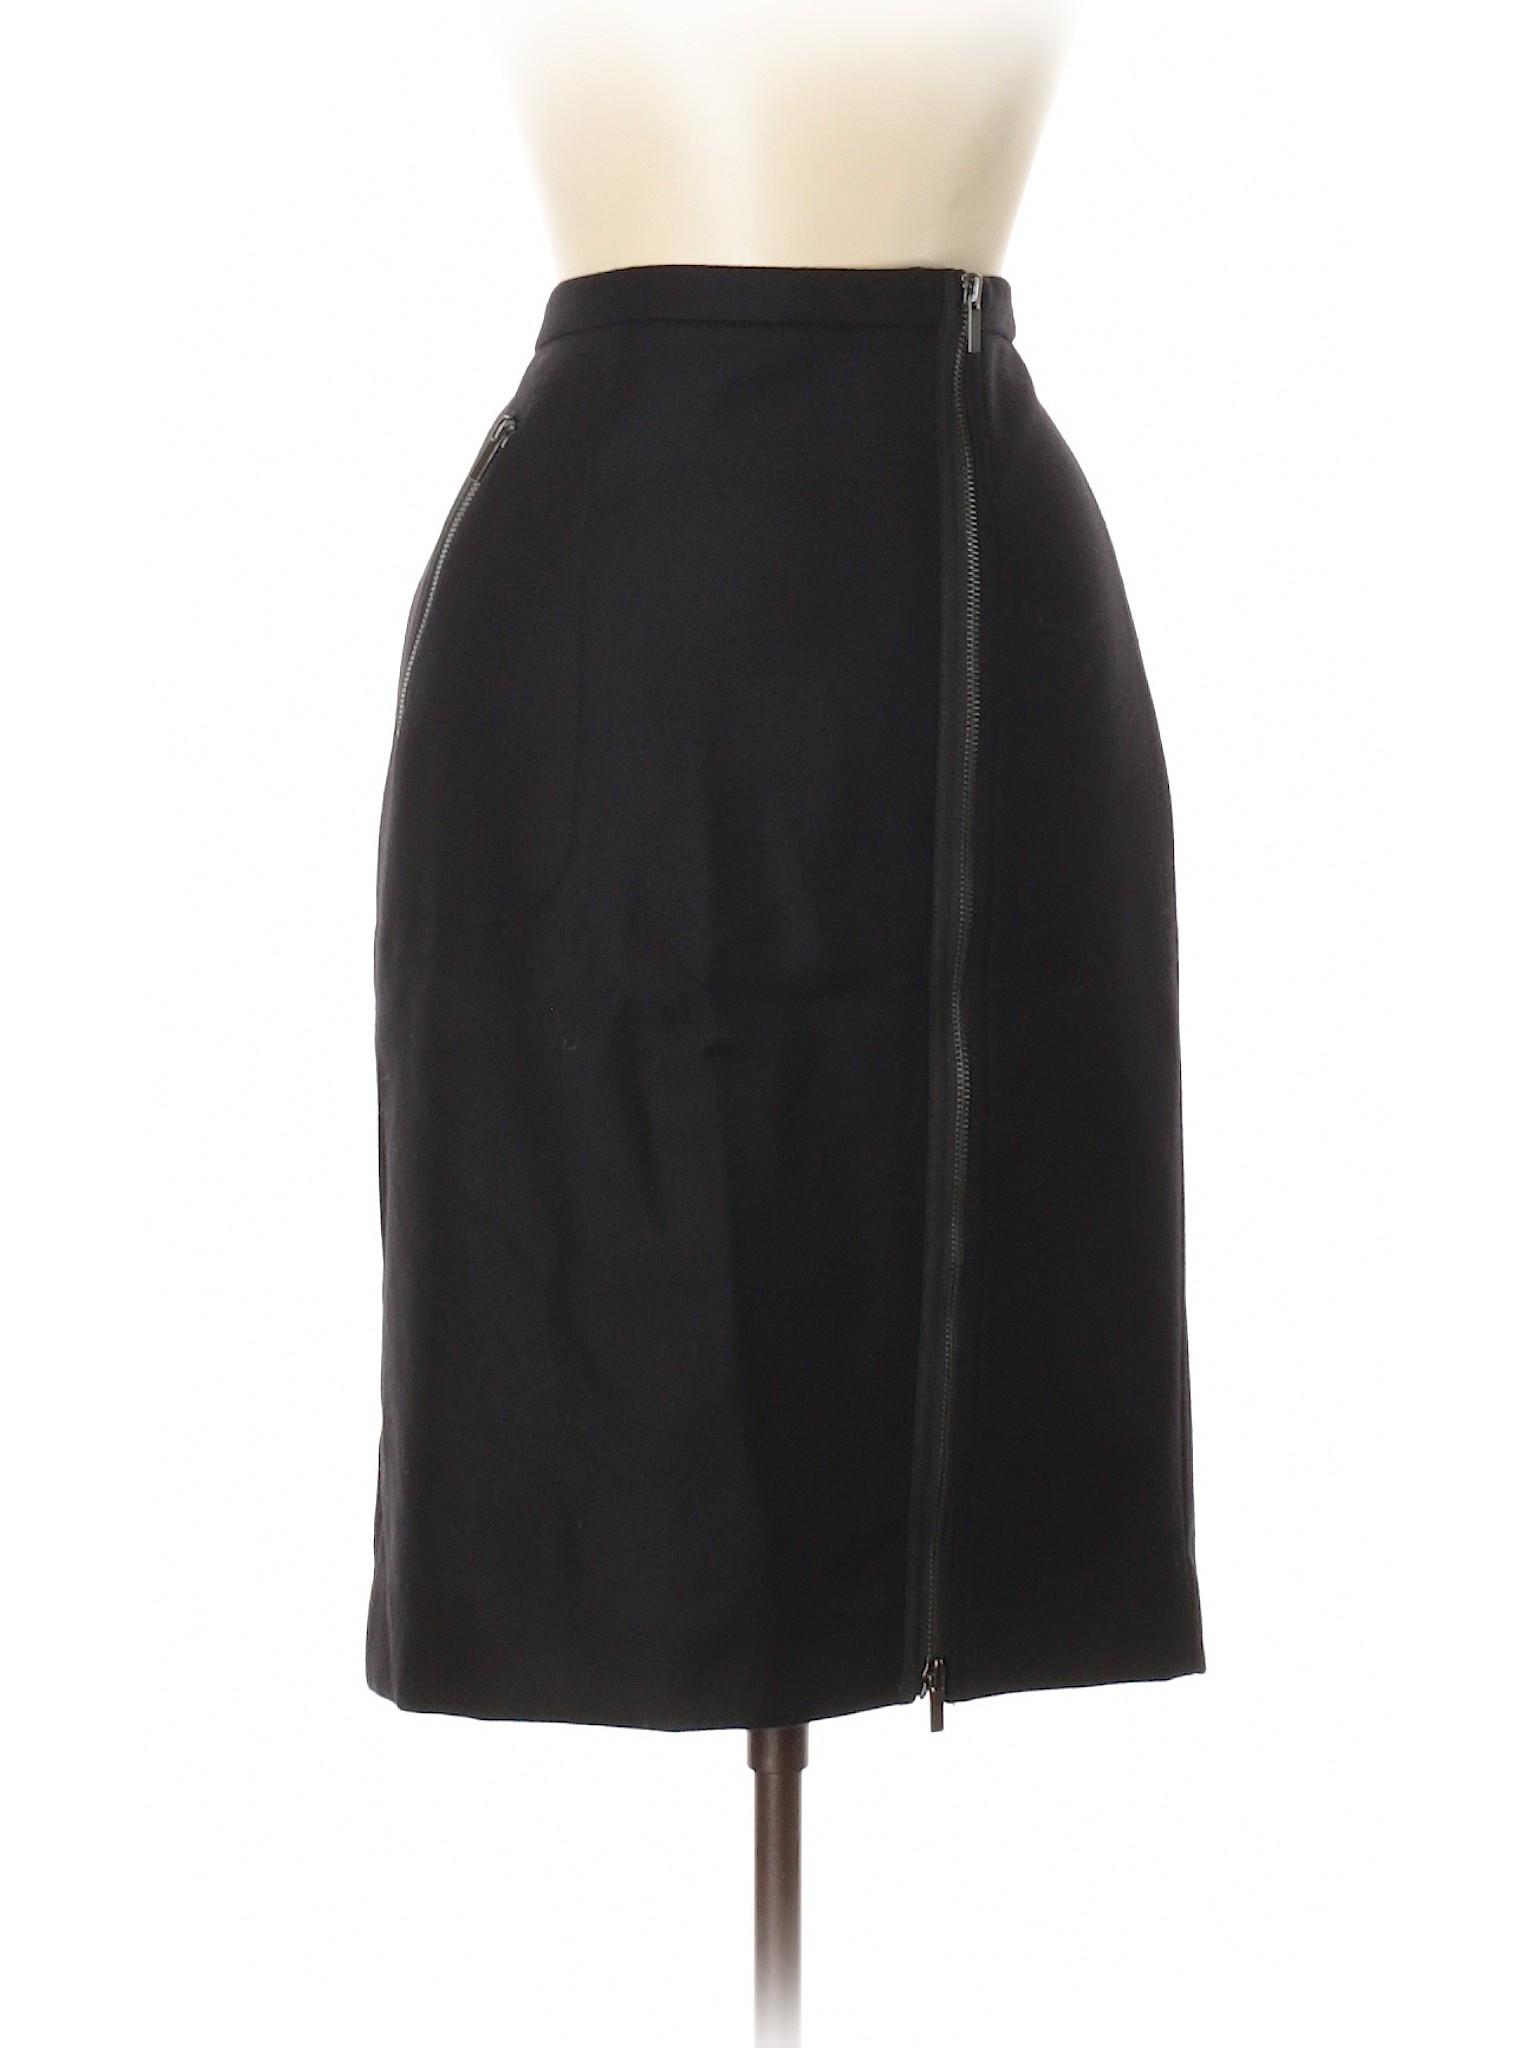 Boutique Wool Skirt Wool Boutique Wool Skirt Skirt Boutique Boutique 7HHdwqr4